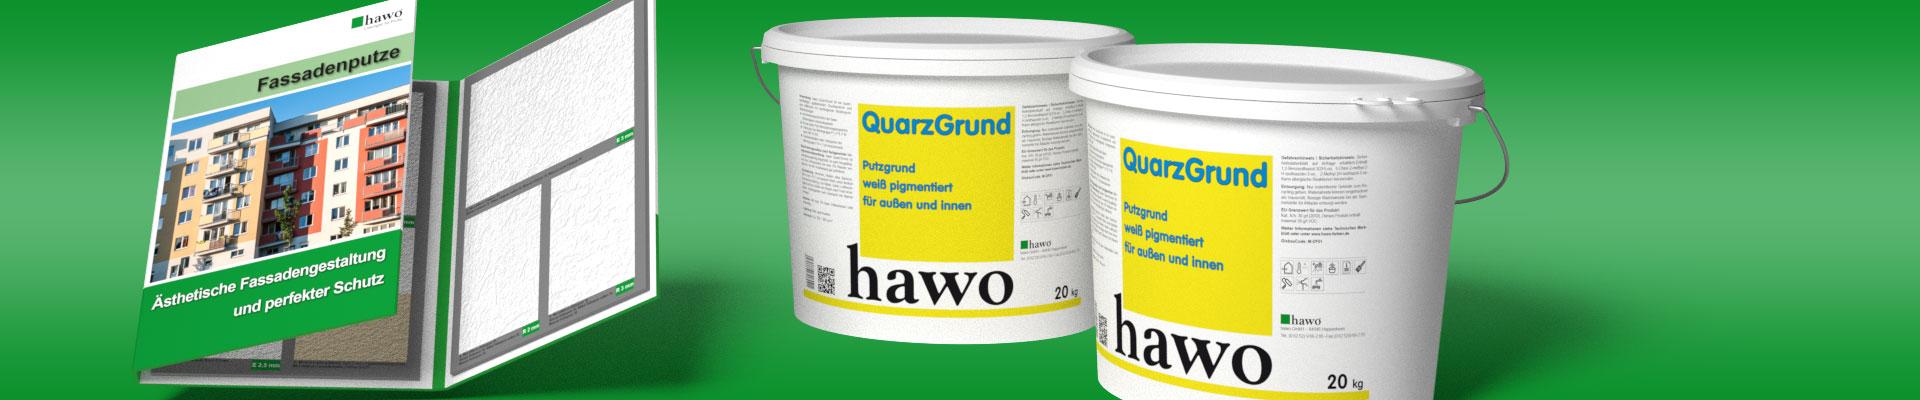 hawo Fassadenputze Musterkarte gratis beim Kauf von 2 x 20 kg hawo QuarzGrund